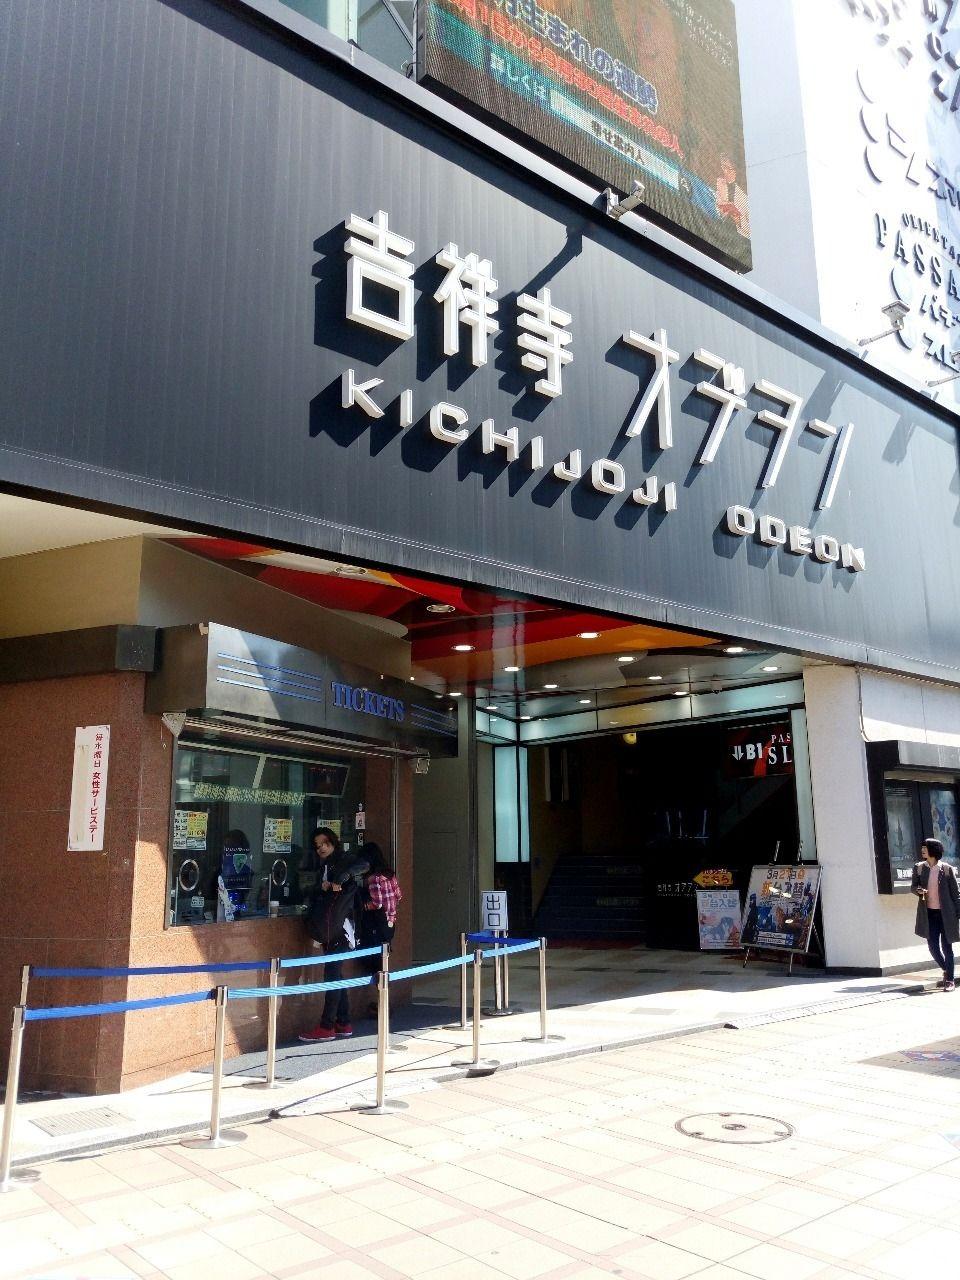 吉祥寺駅前の映画館オデヲン